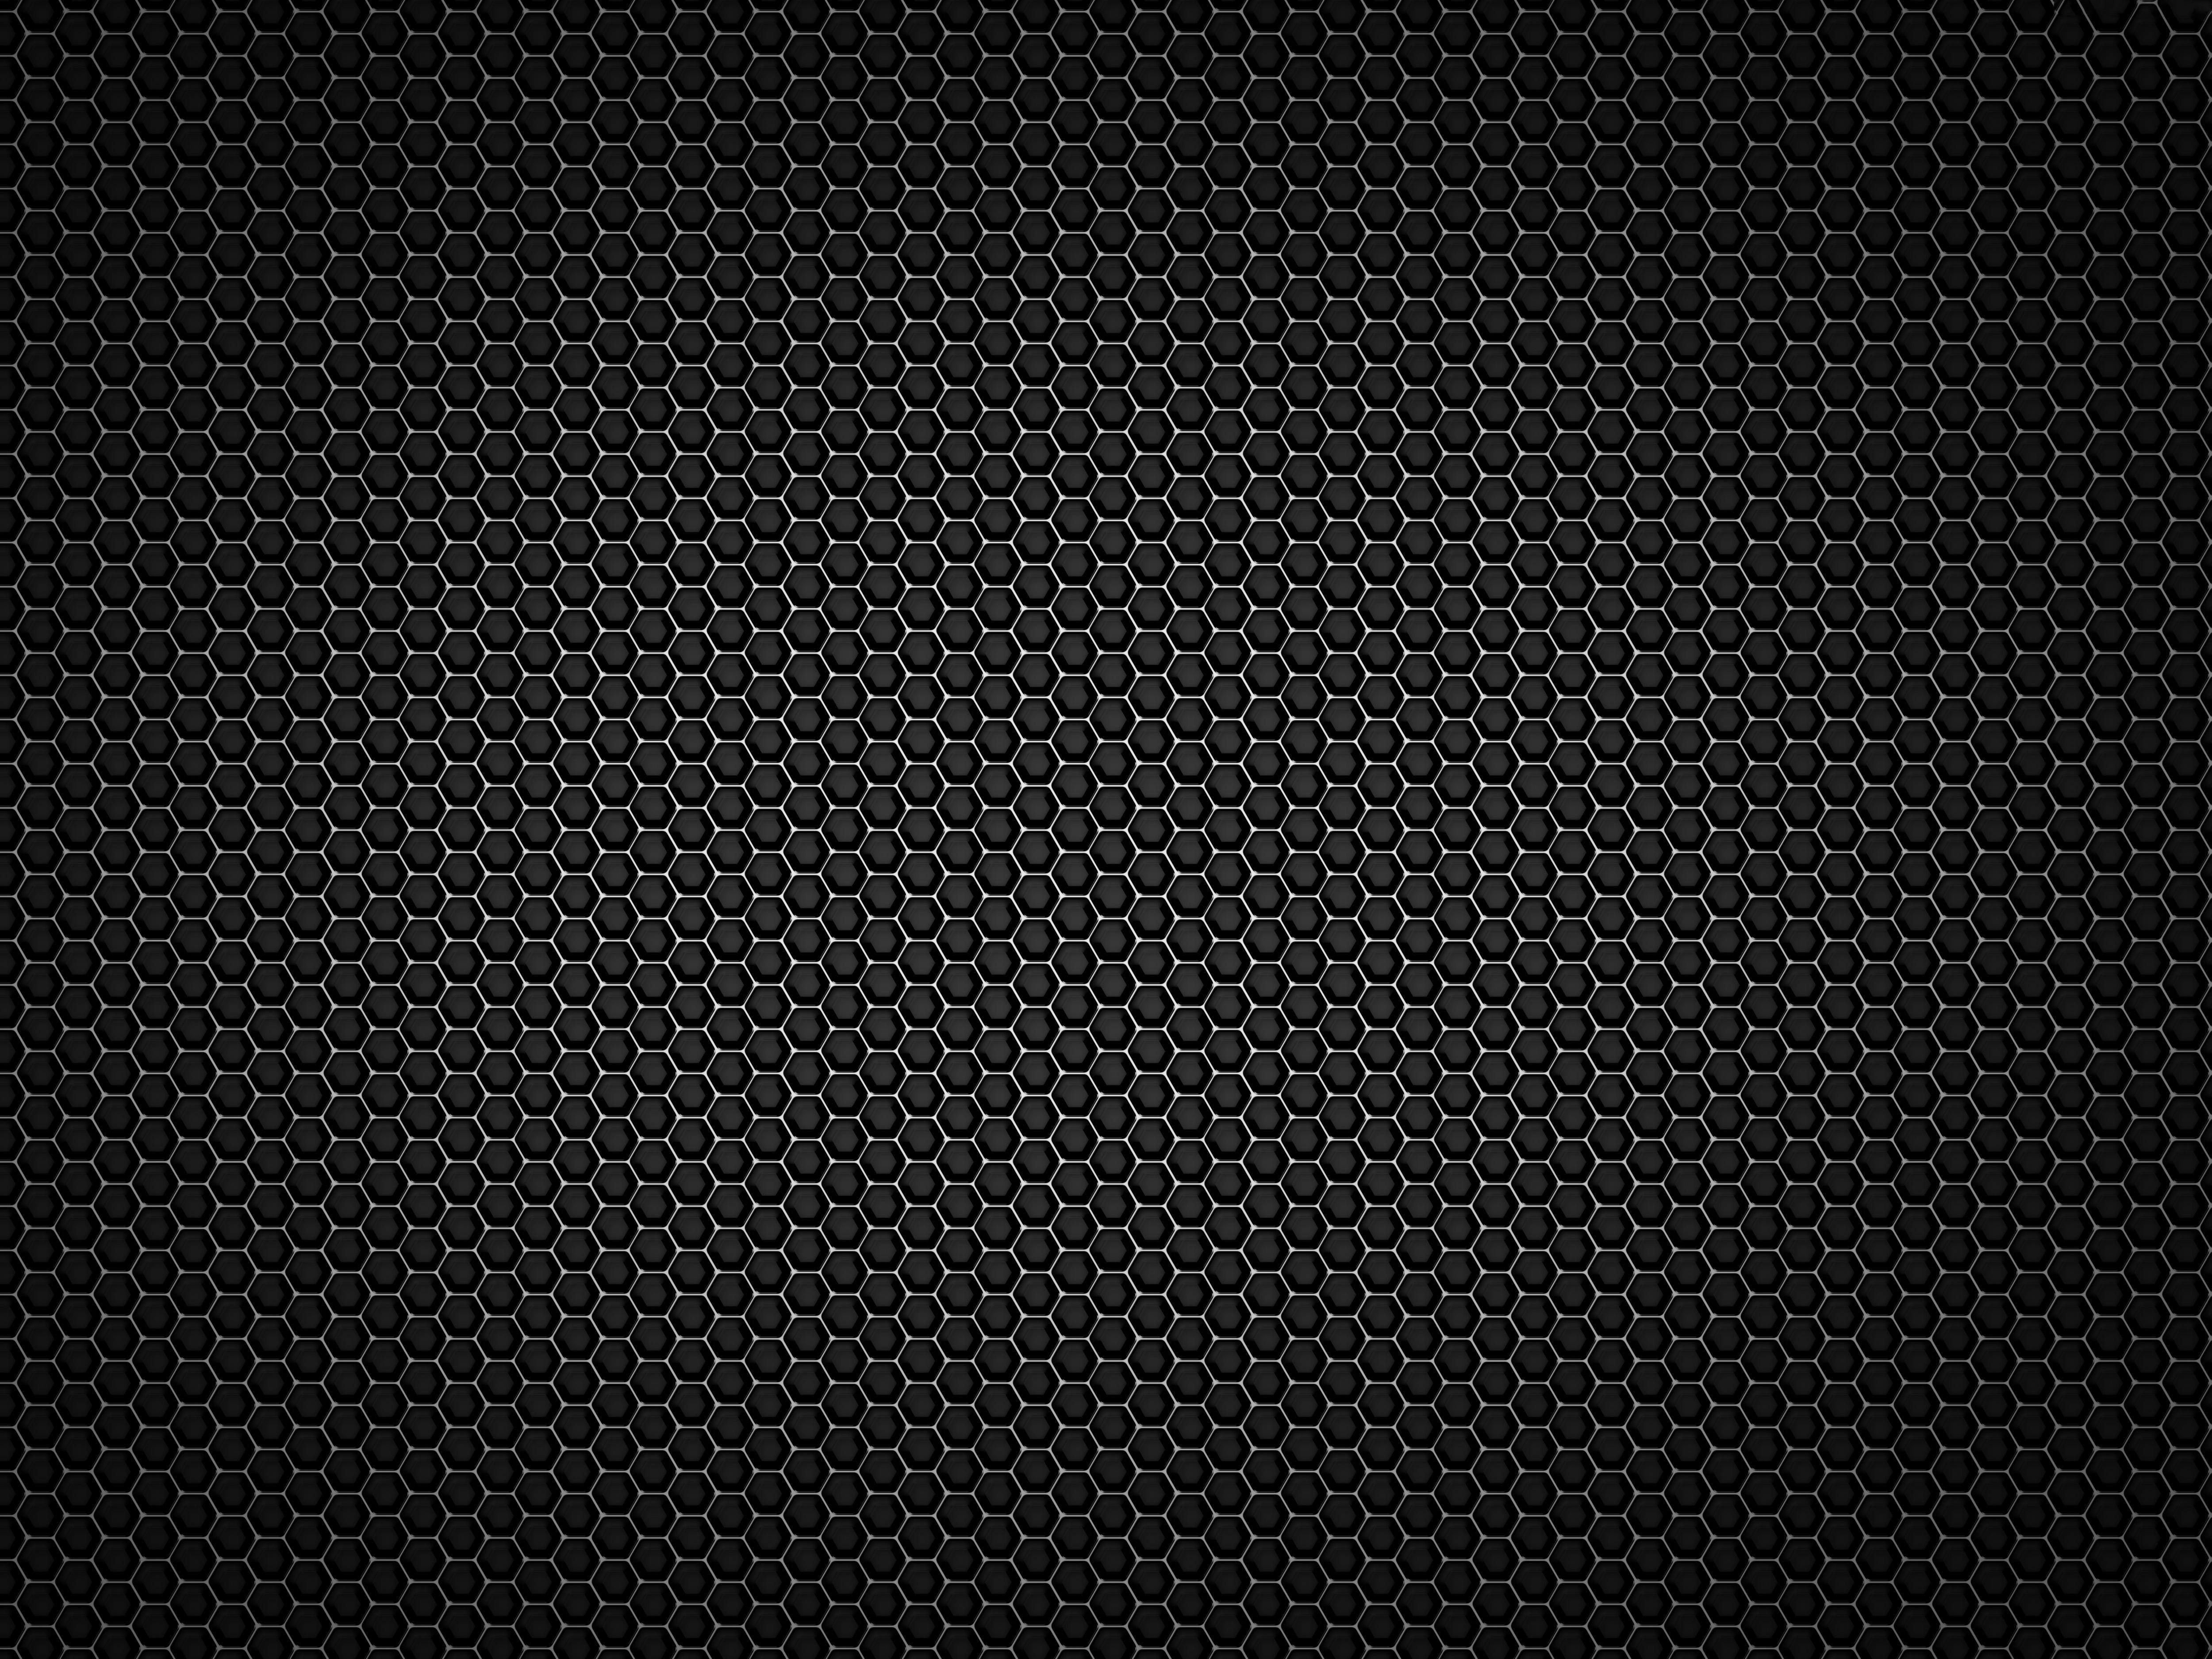 Grid скачать фото железная сетка обои